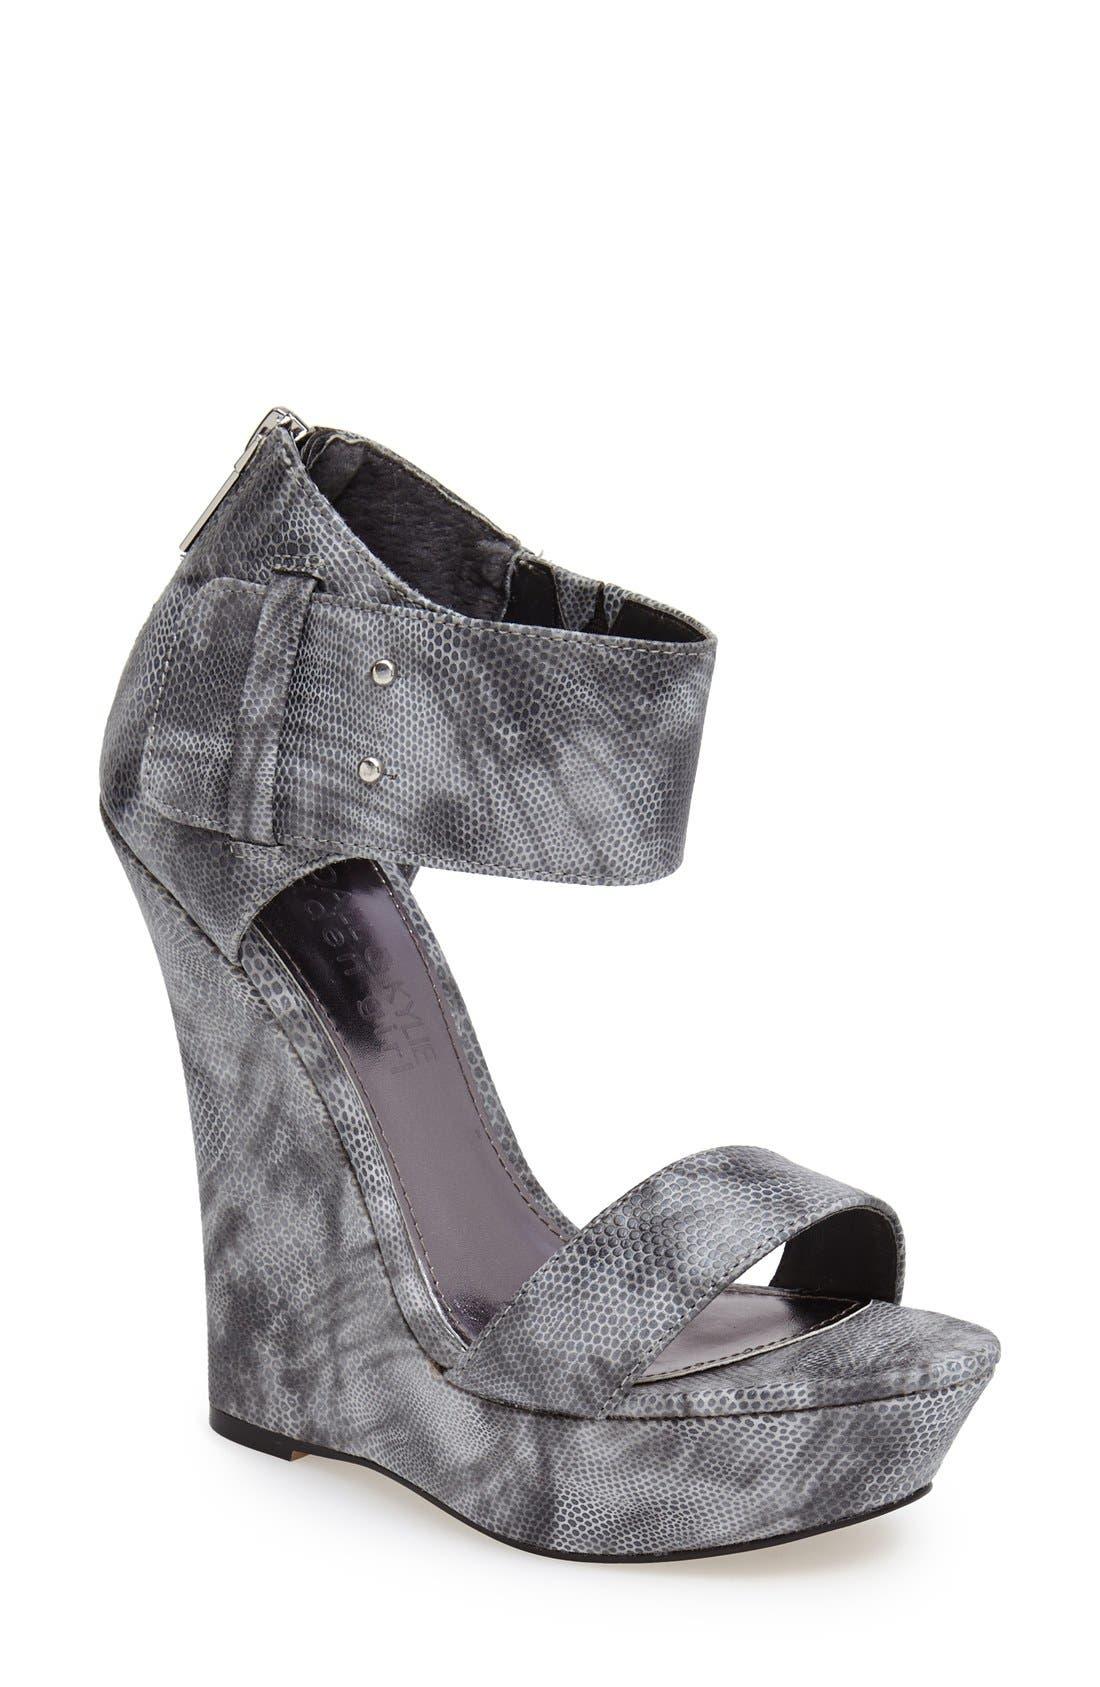 Main Image - KENDALL + KYLIE Madden Girl 'Felina' Wedge Sandal (Women)